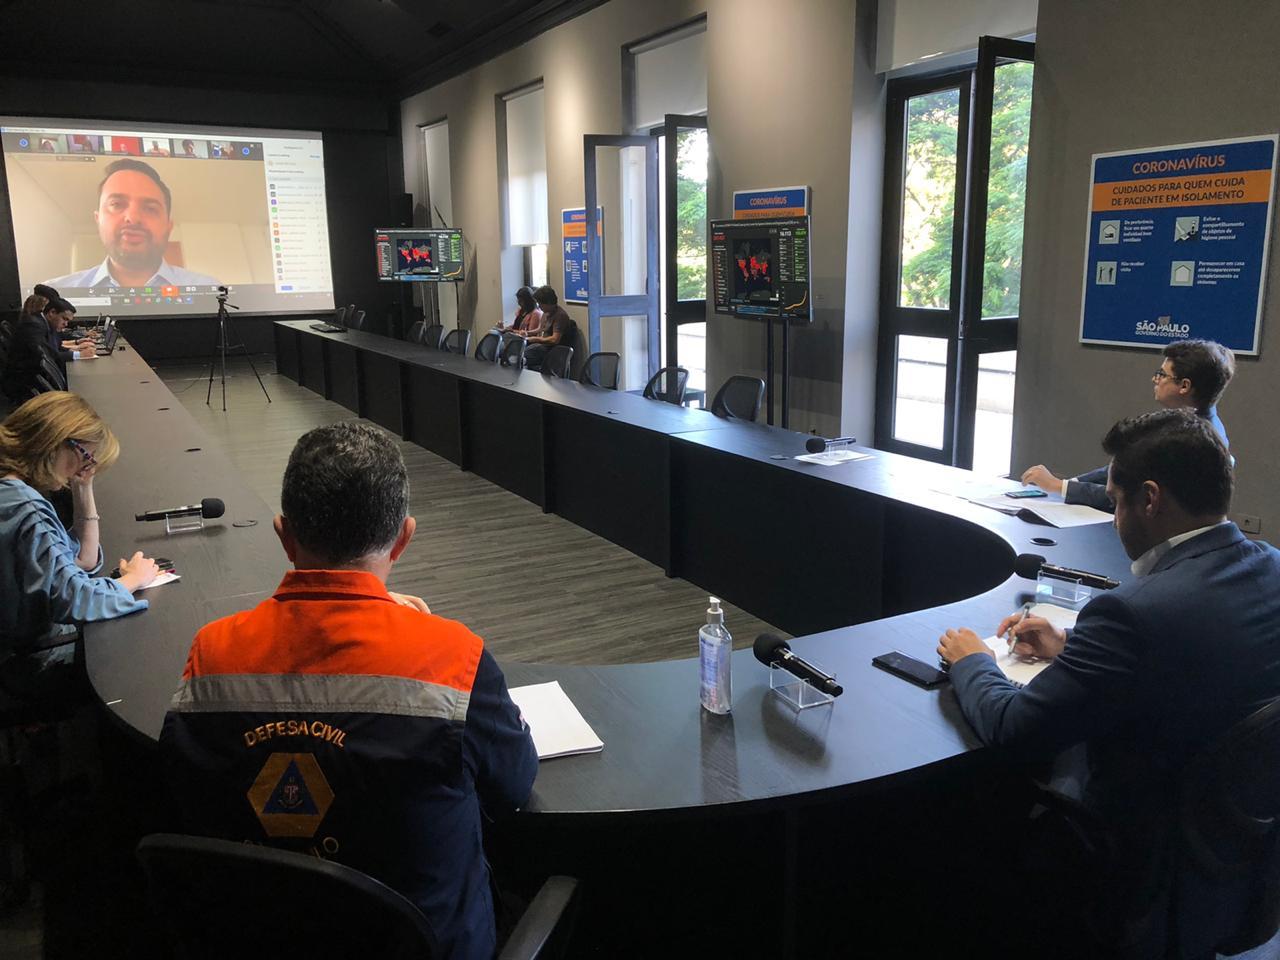 Governo de SP monta sala de emergência pra reuniões com 250 pessoas